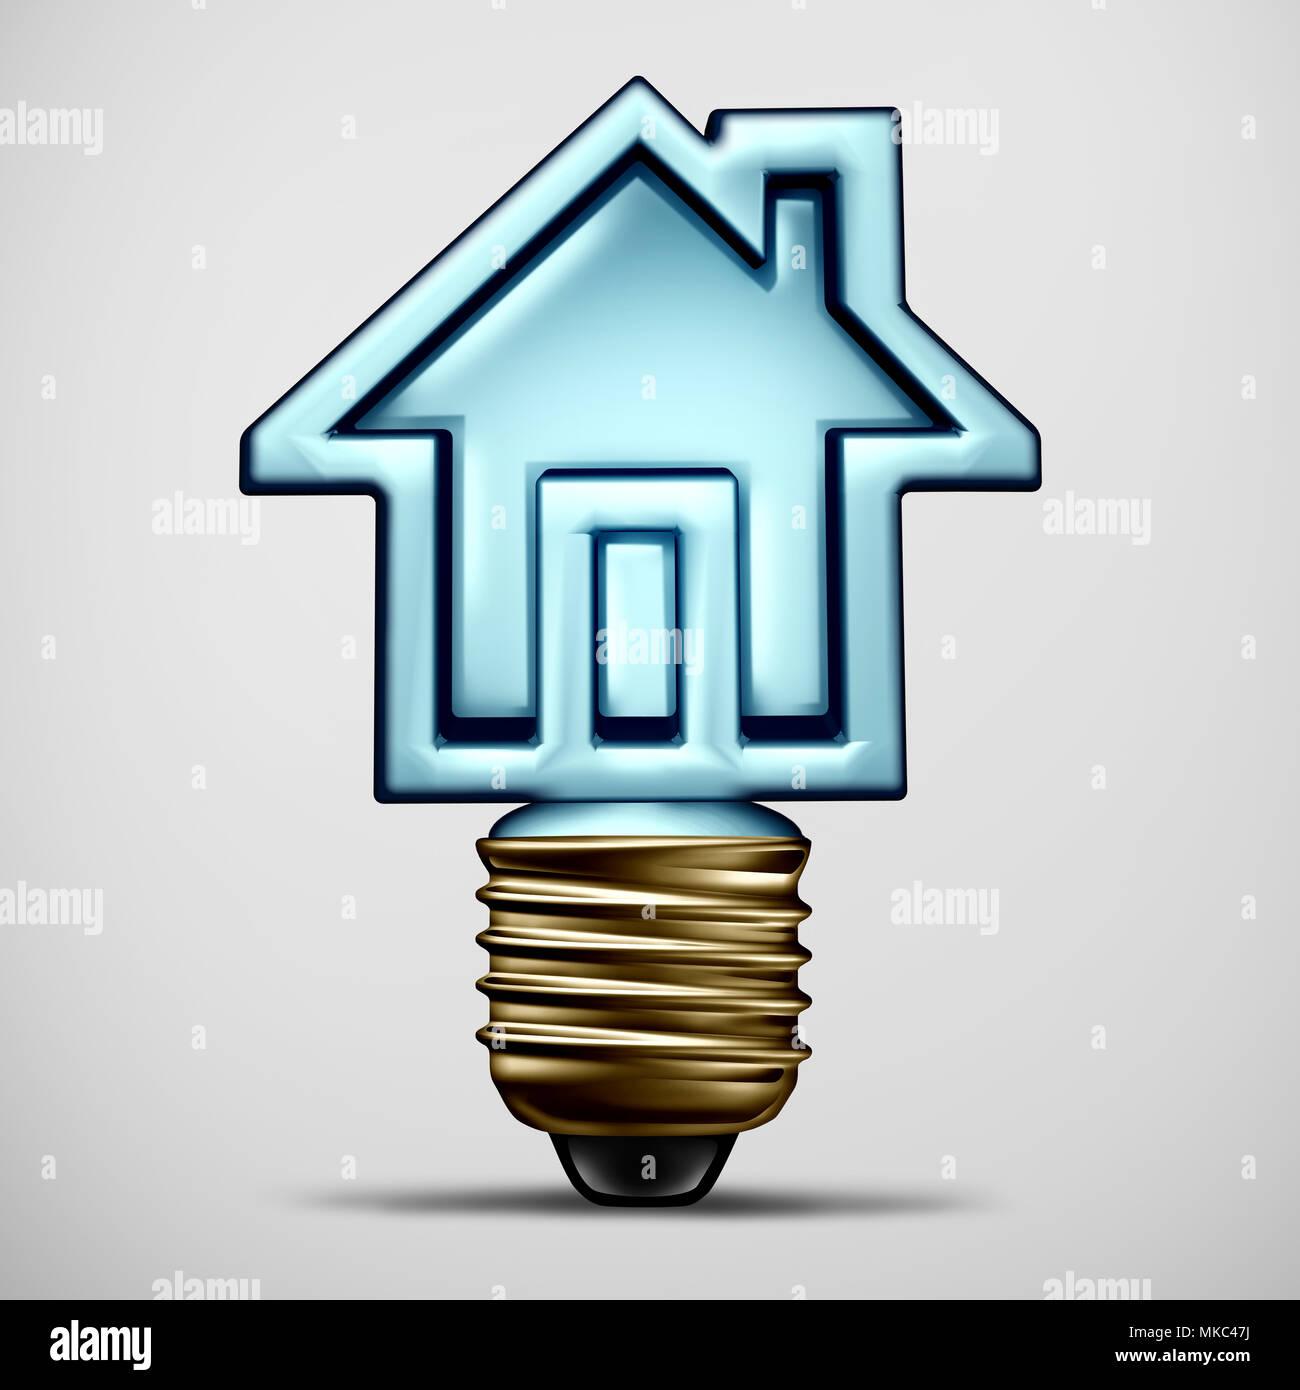 Home Idee und Inspiration als 3D-Darstellung eines Wohn- lösung Symbol mit einer Glühbirne als Residenz geprägt. Stockbild